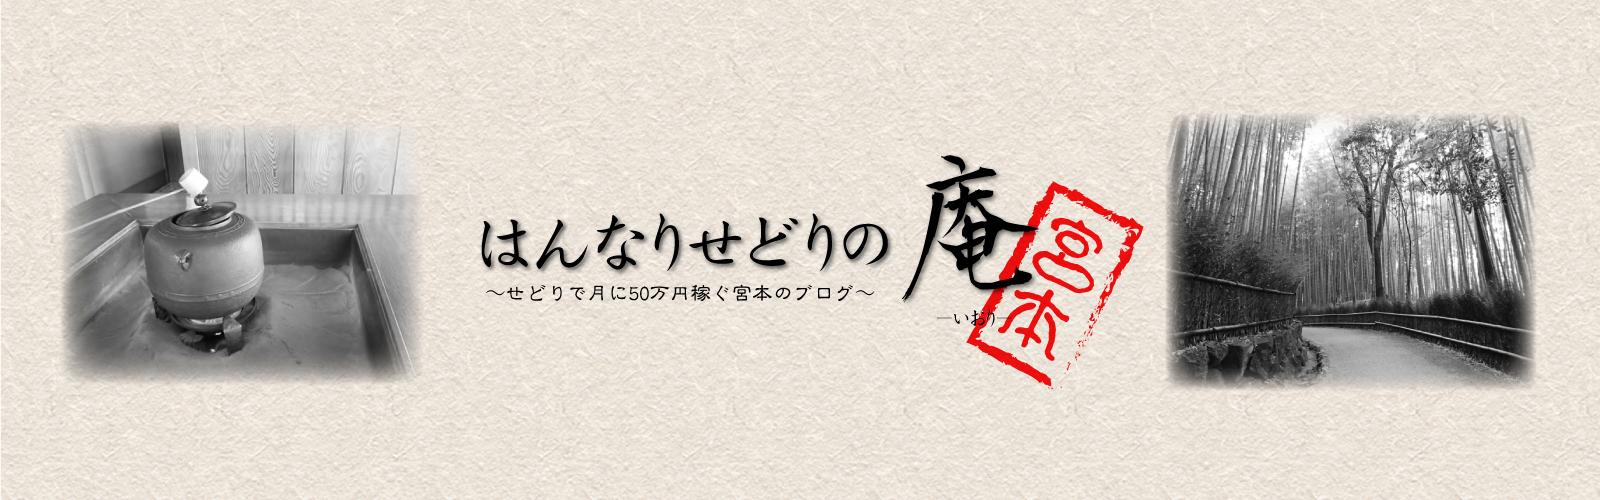 中古せどりで月に50万円稼ぐ宮本のブログ